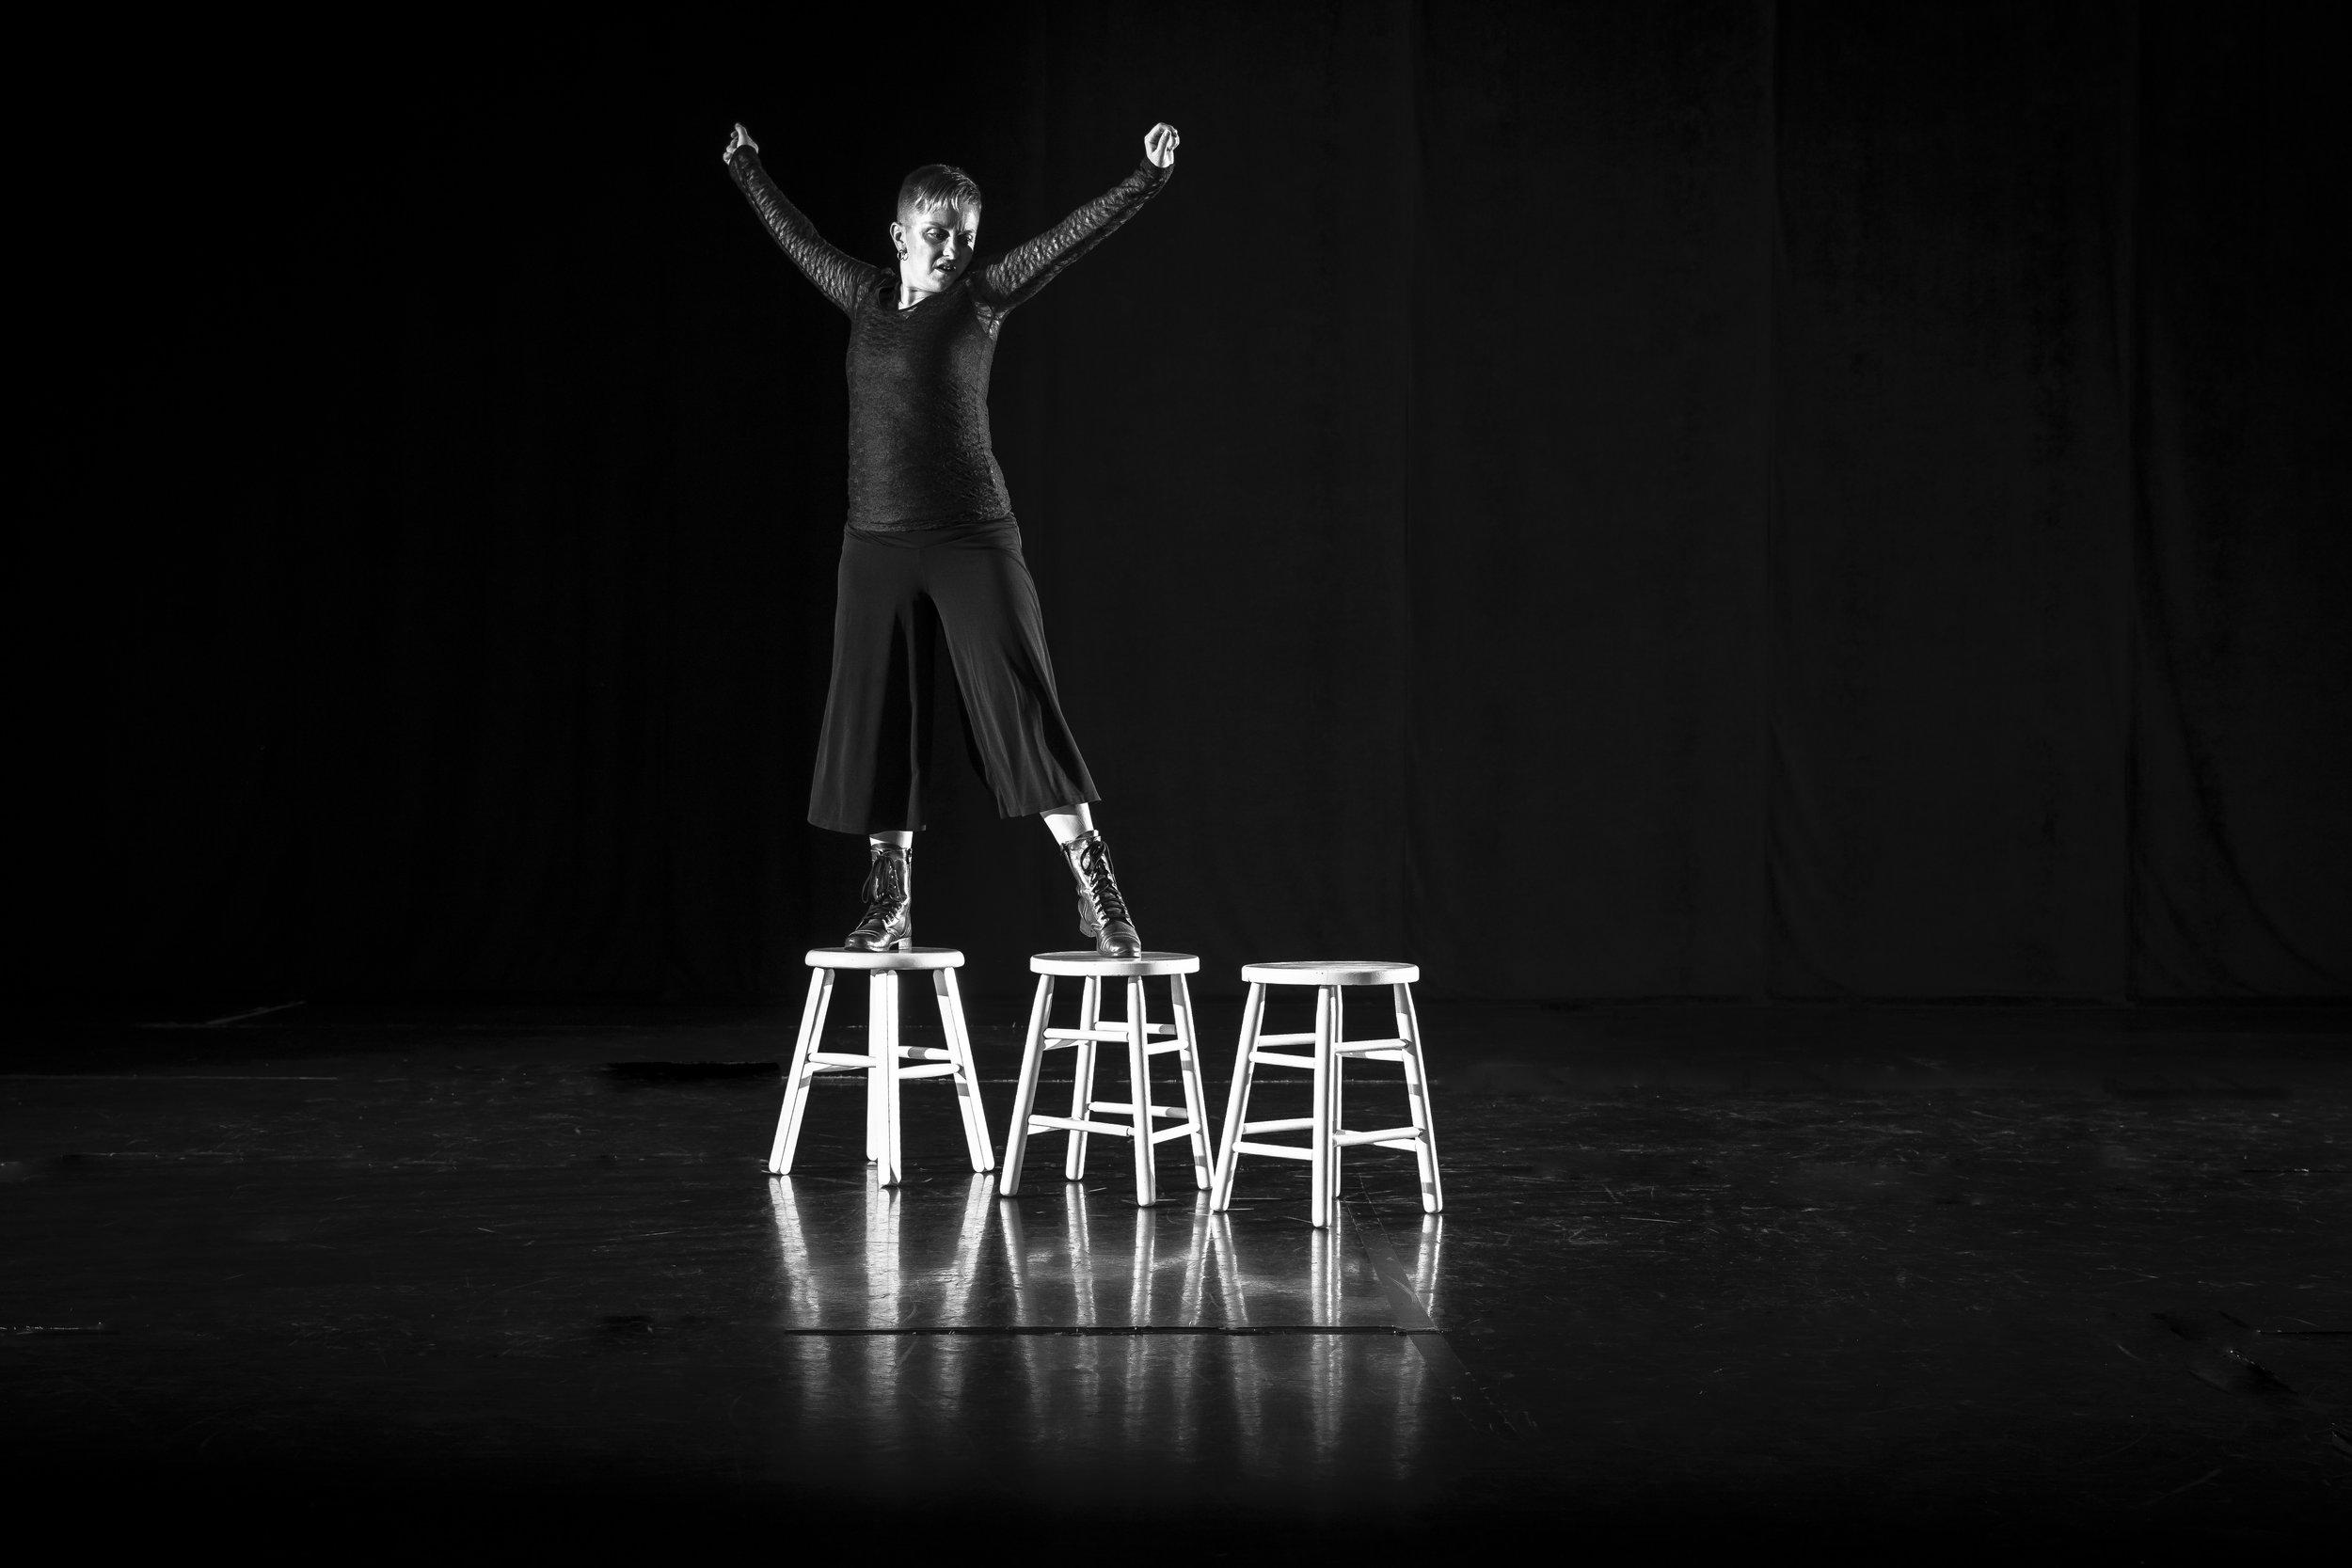 129 Dance 2019-07-09 sjp-2.jpg